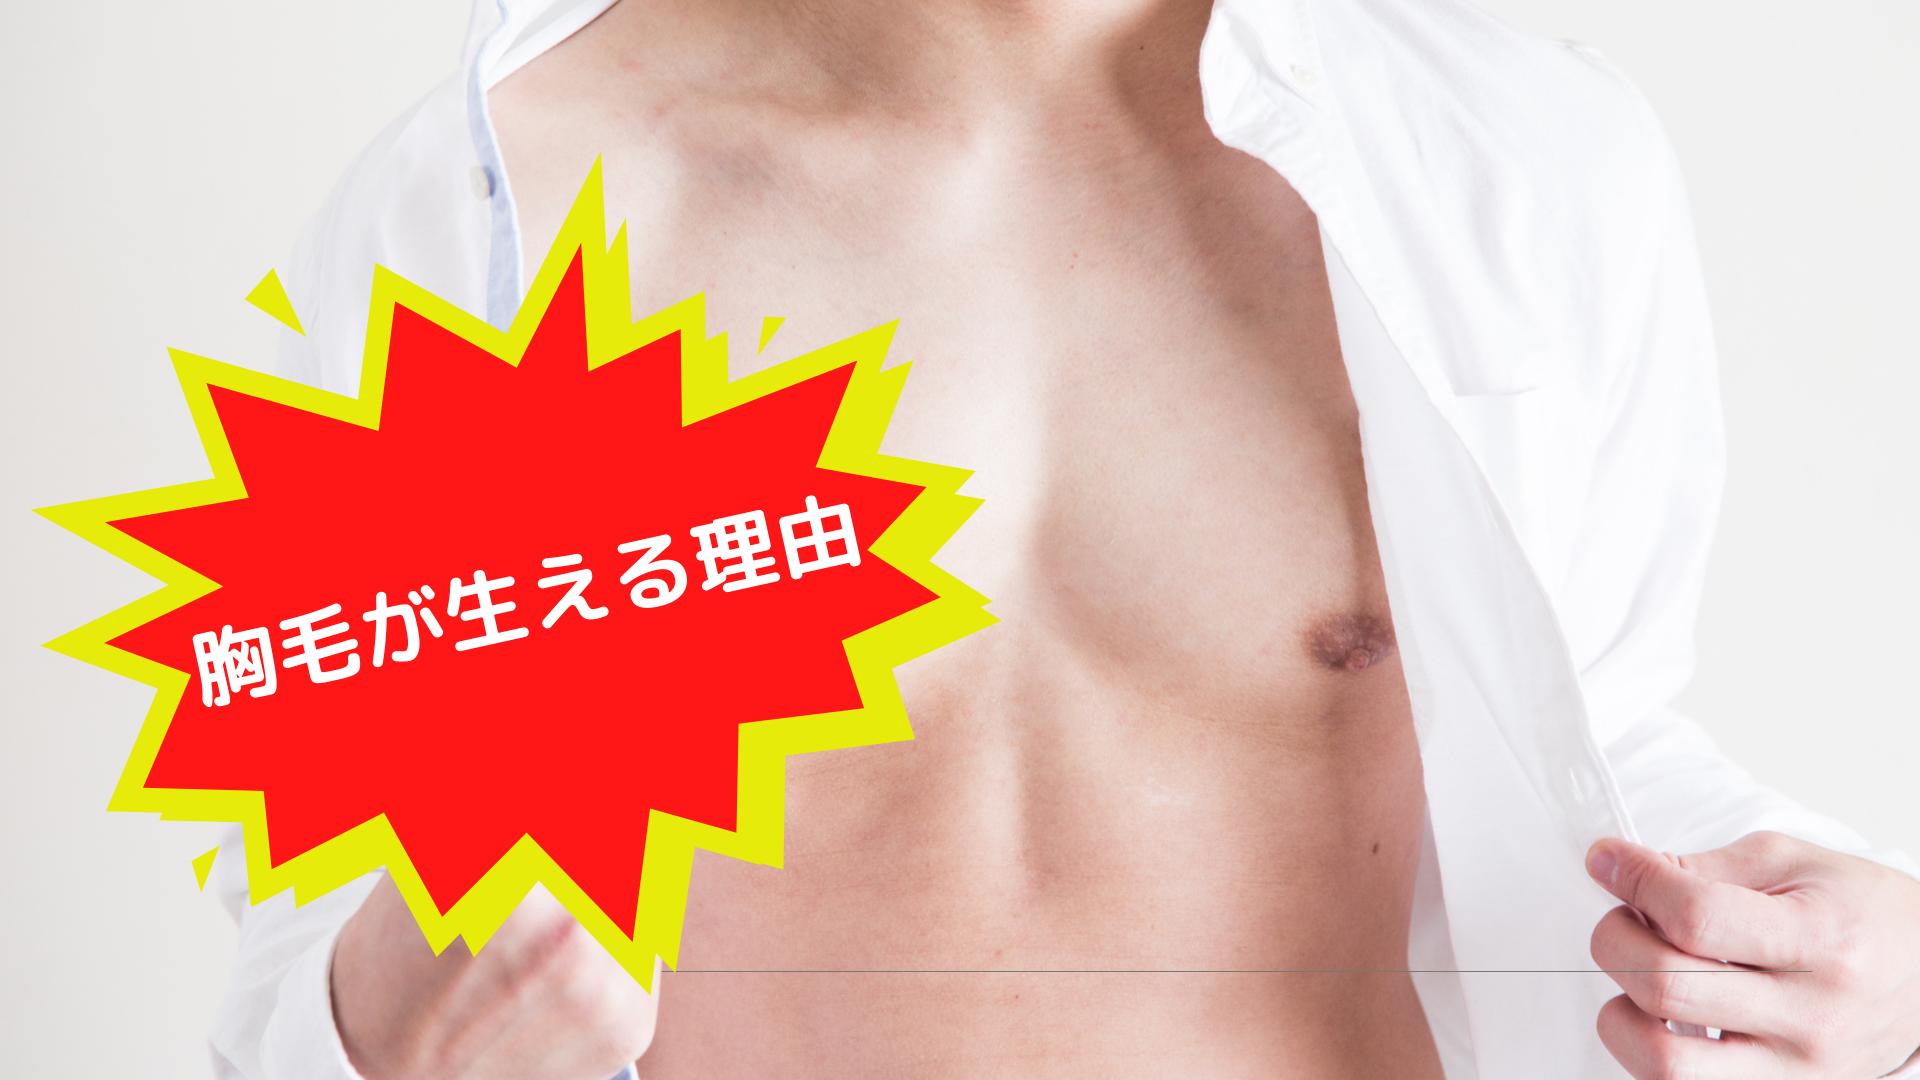 胸毛が生える理由